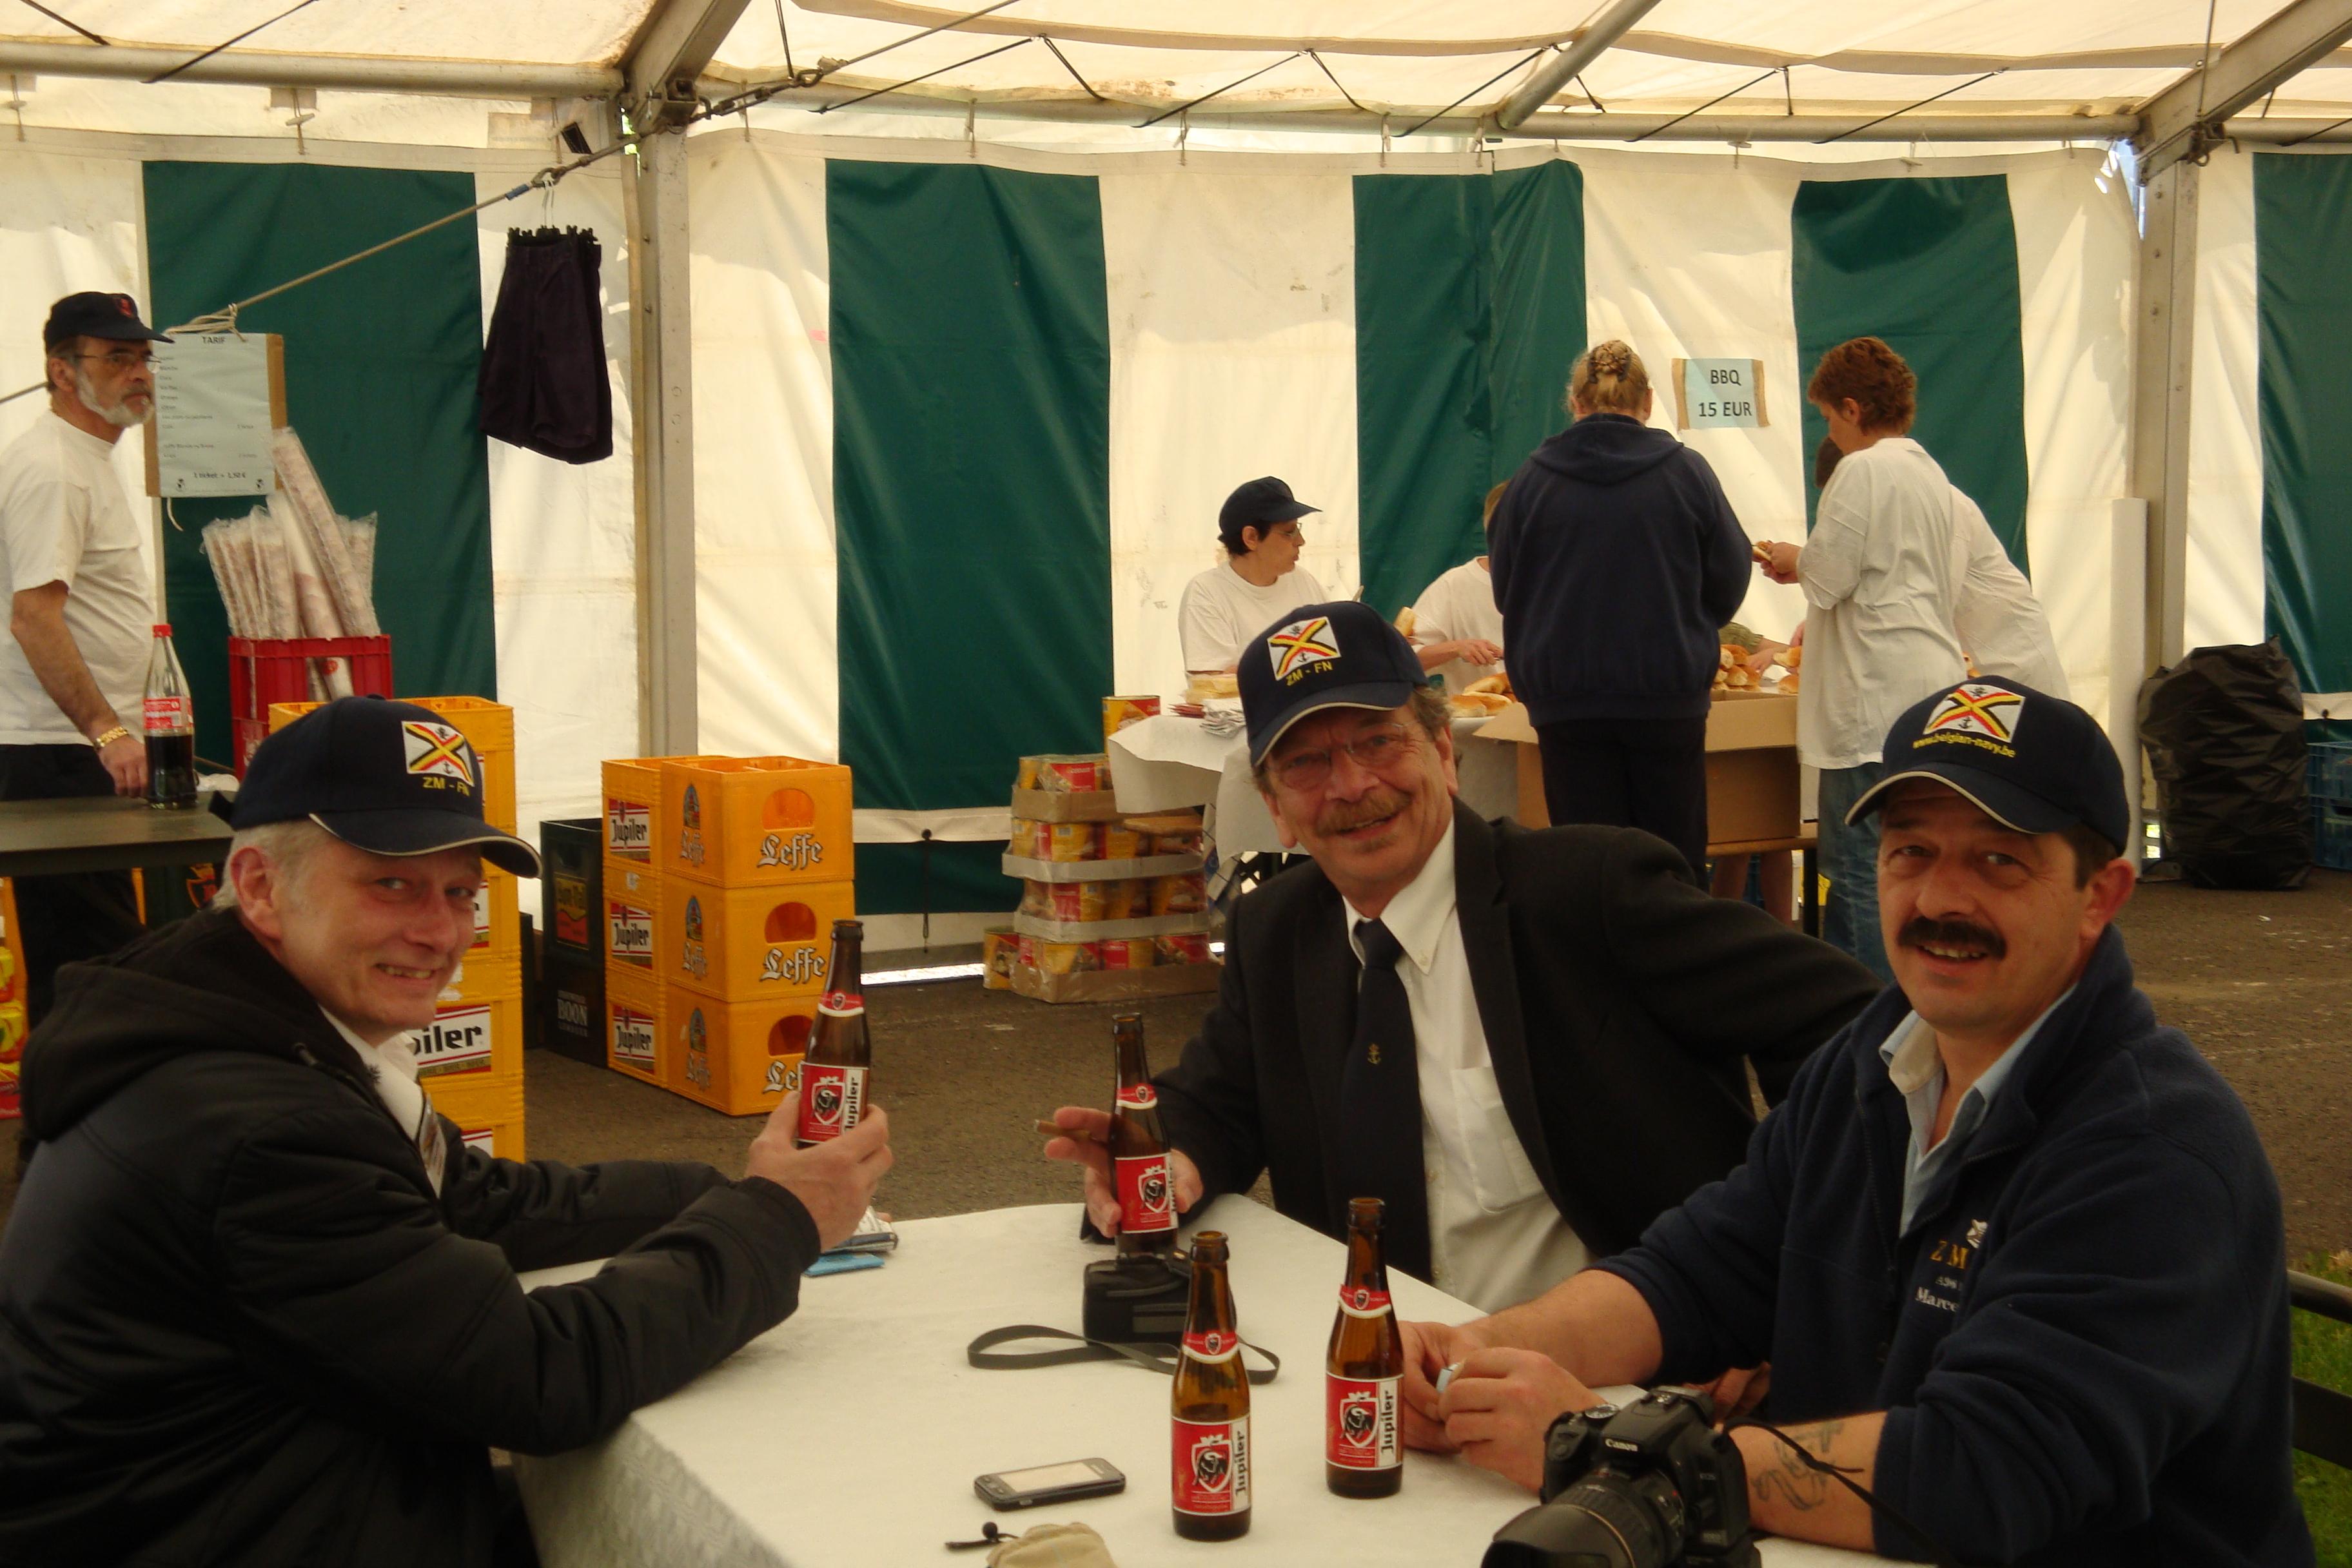 photos de la réunion des anciens à Ittre le 1er mai 2010 - Page 4 100502122923990285945129